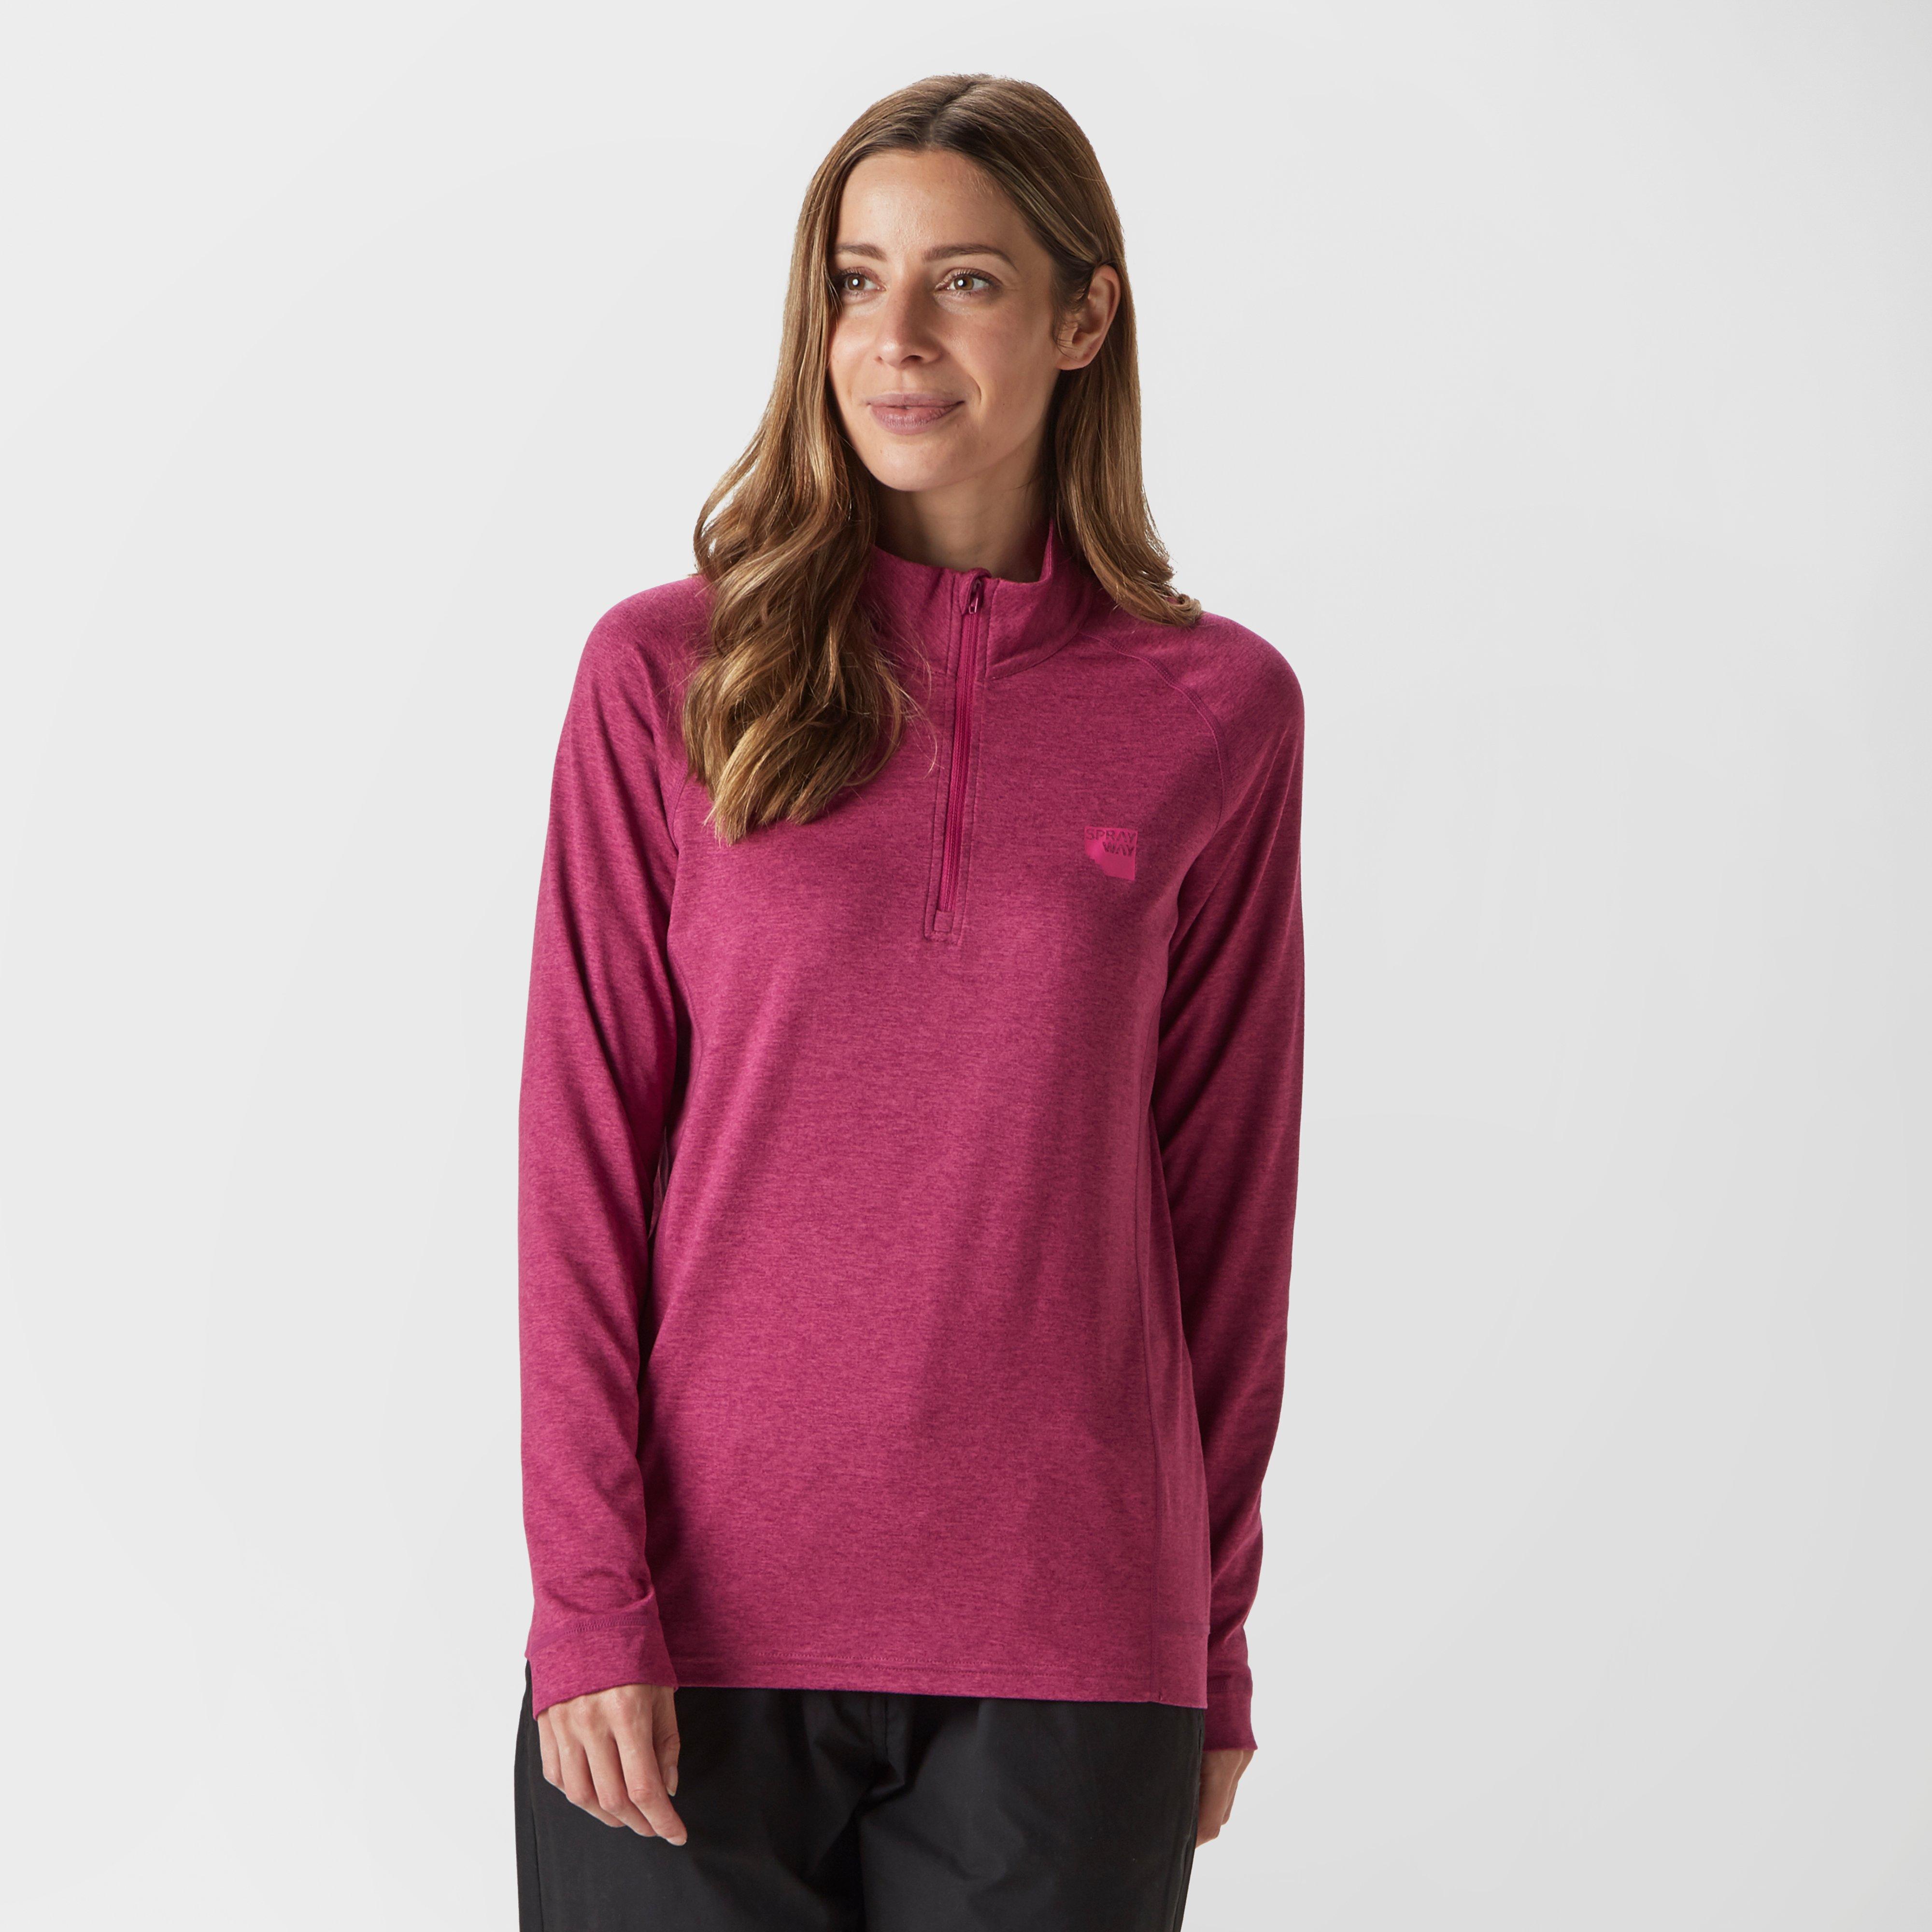 Sprayway Women's Tiana Quarter-Zip Fleece, Pink